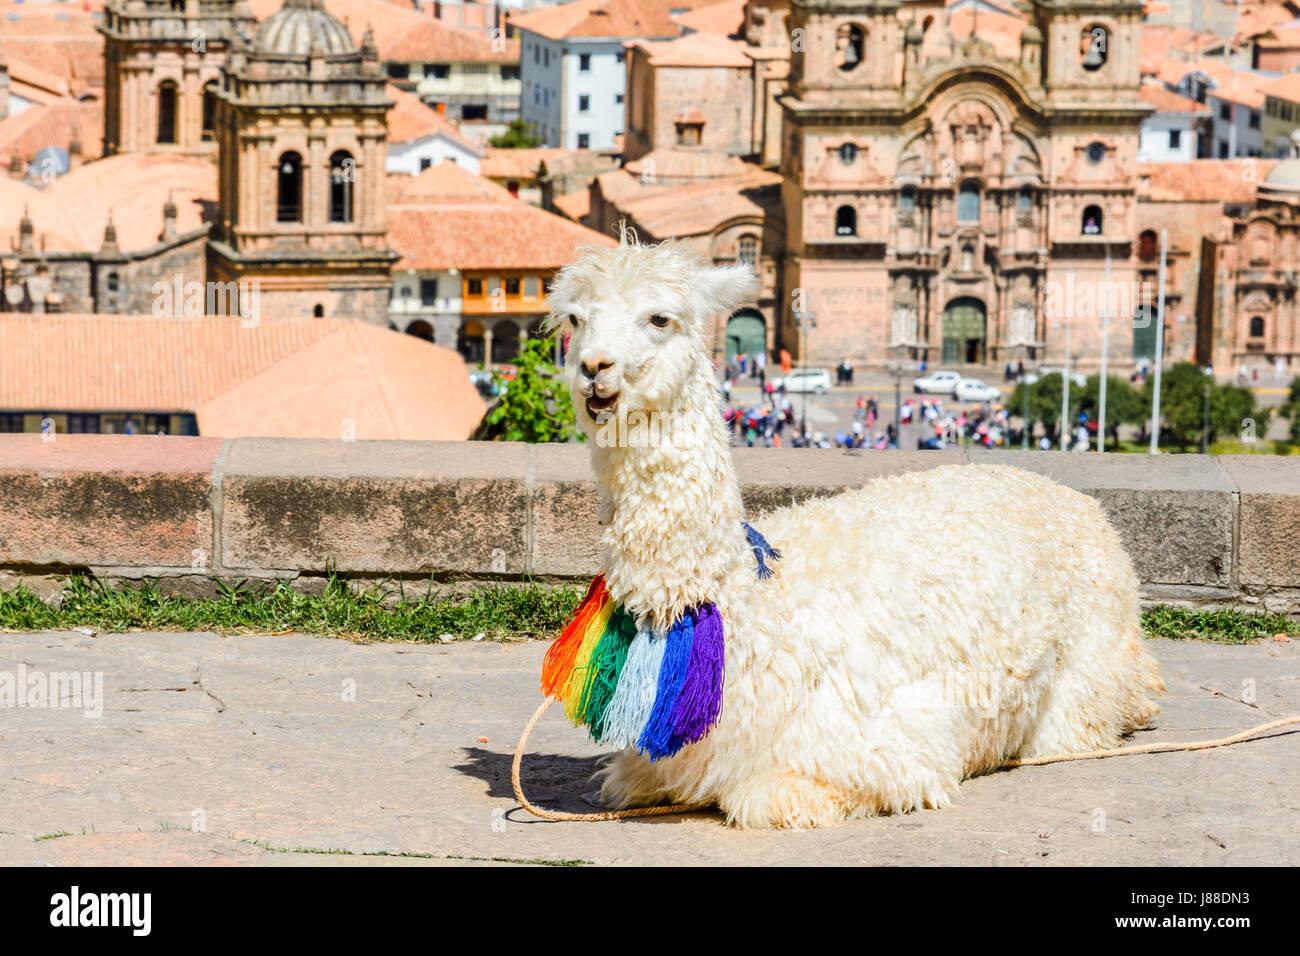 Lama durmiendo en el patio de la Iglesia de San Cristóbal, Cusco, Perú Imagen De Stock